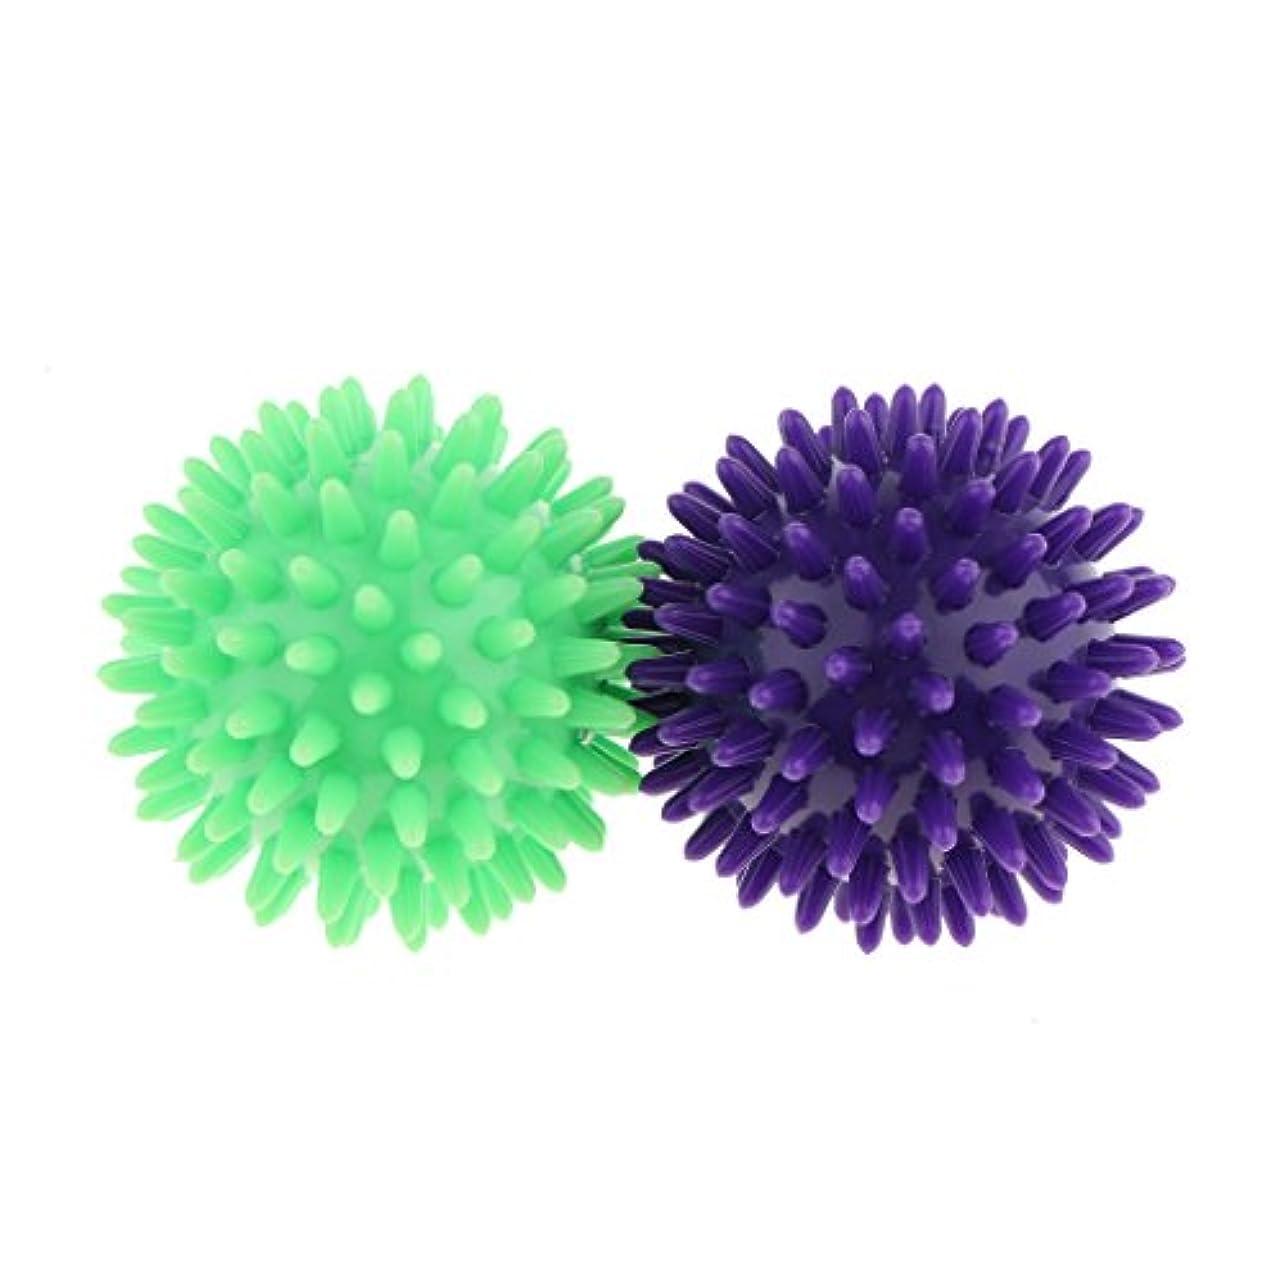 本略す耐えられないKesoto マッサージボール スパイシー マッサージ ボール ボディトリガー ポイント 2個セット 3タイプ選べ - 紫ライトグリーン